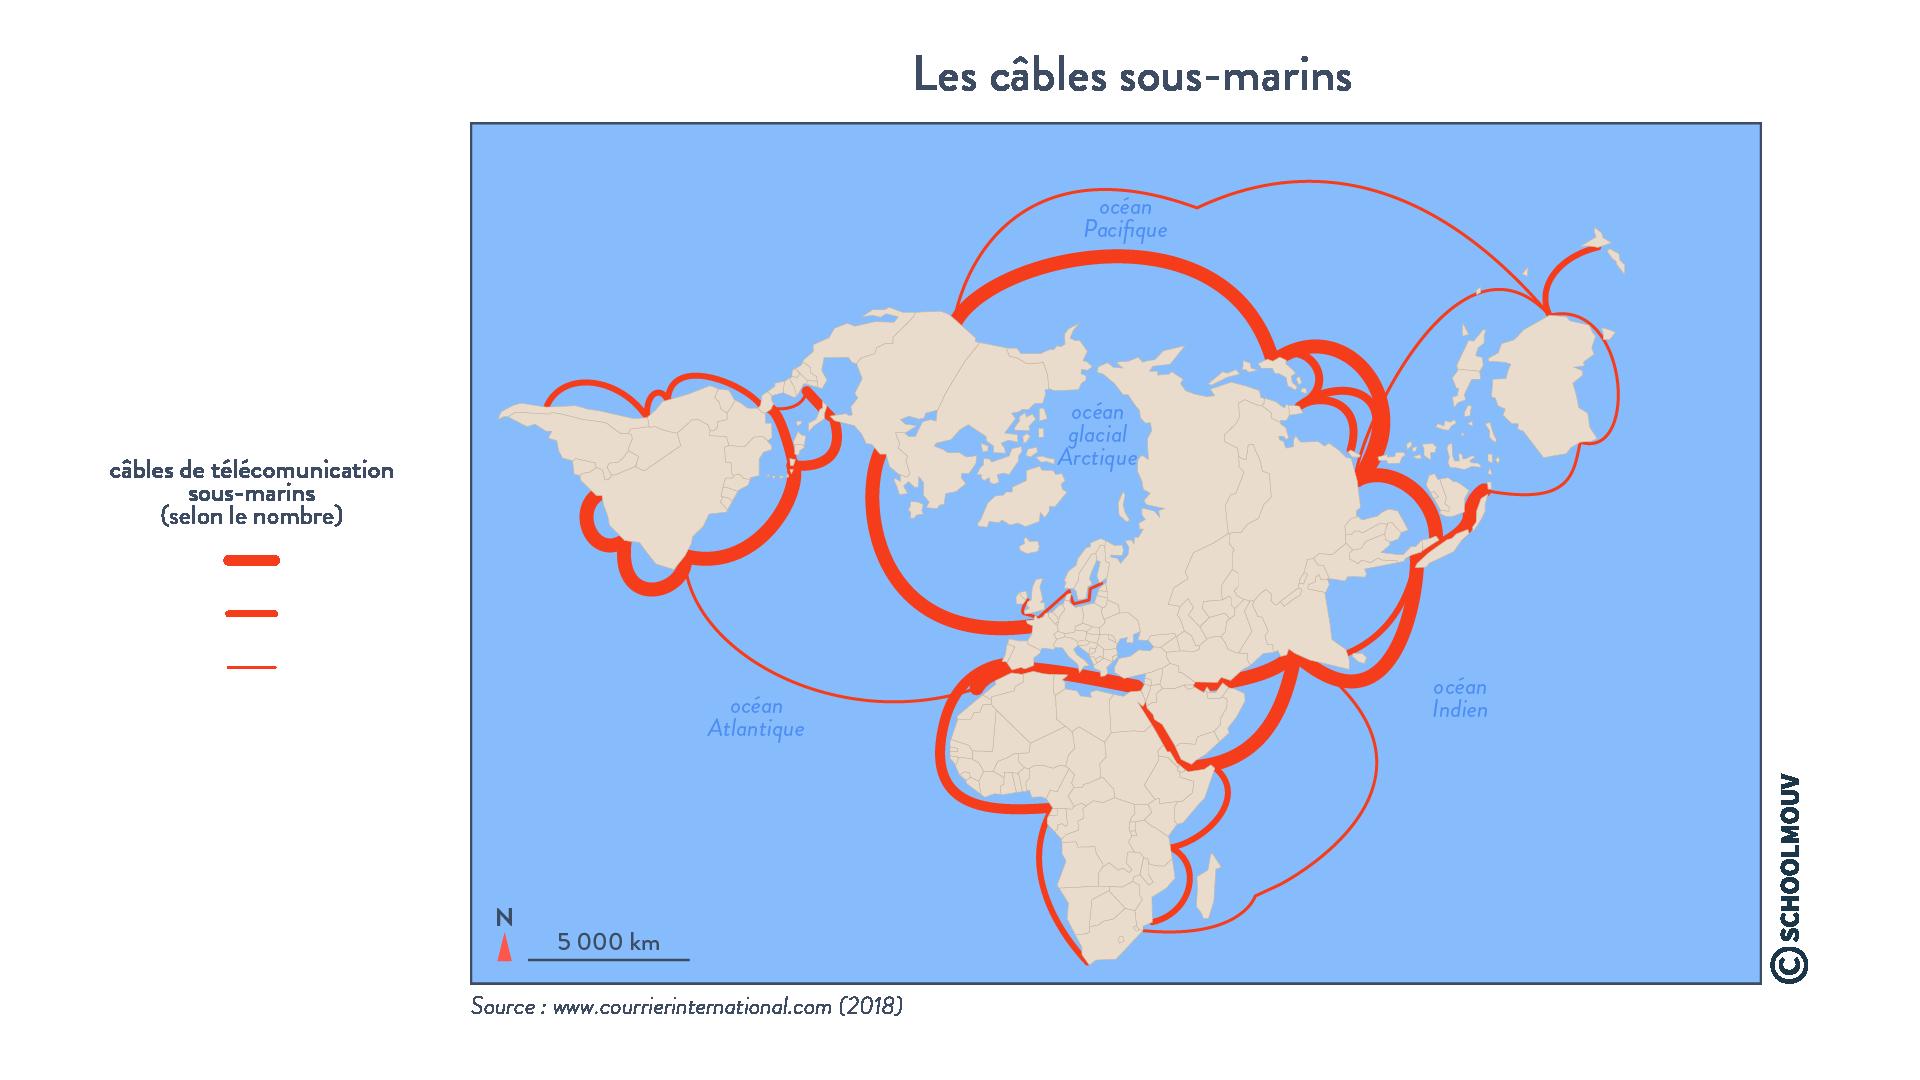 Les câbles sous-marins - géographie - terminale - SchoolMouv